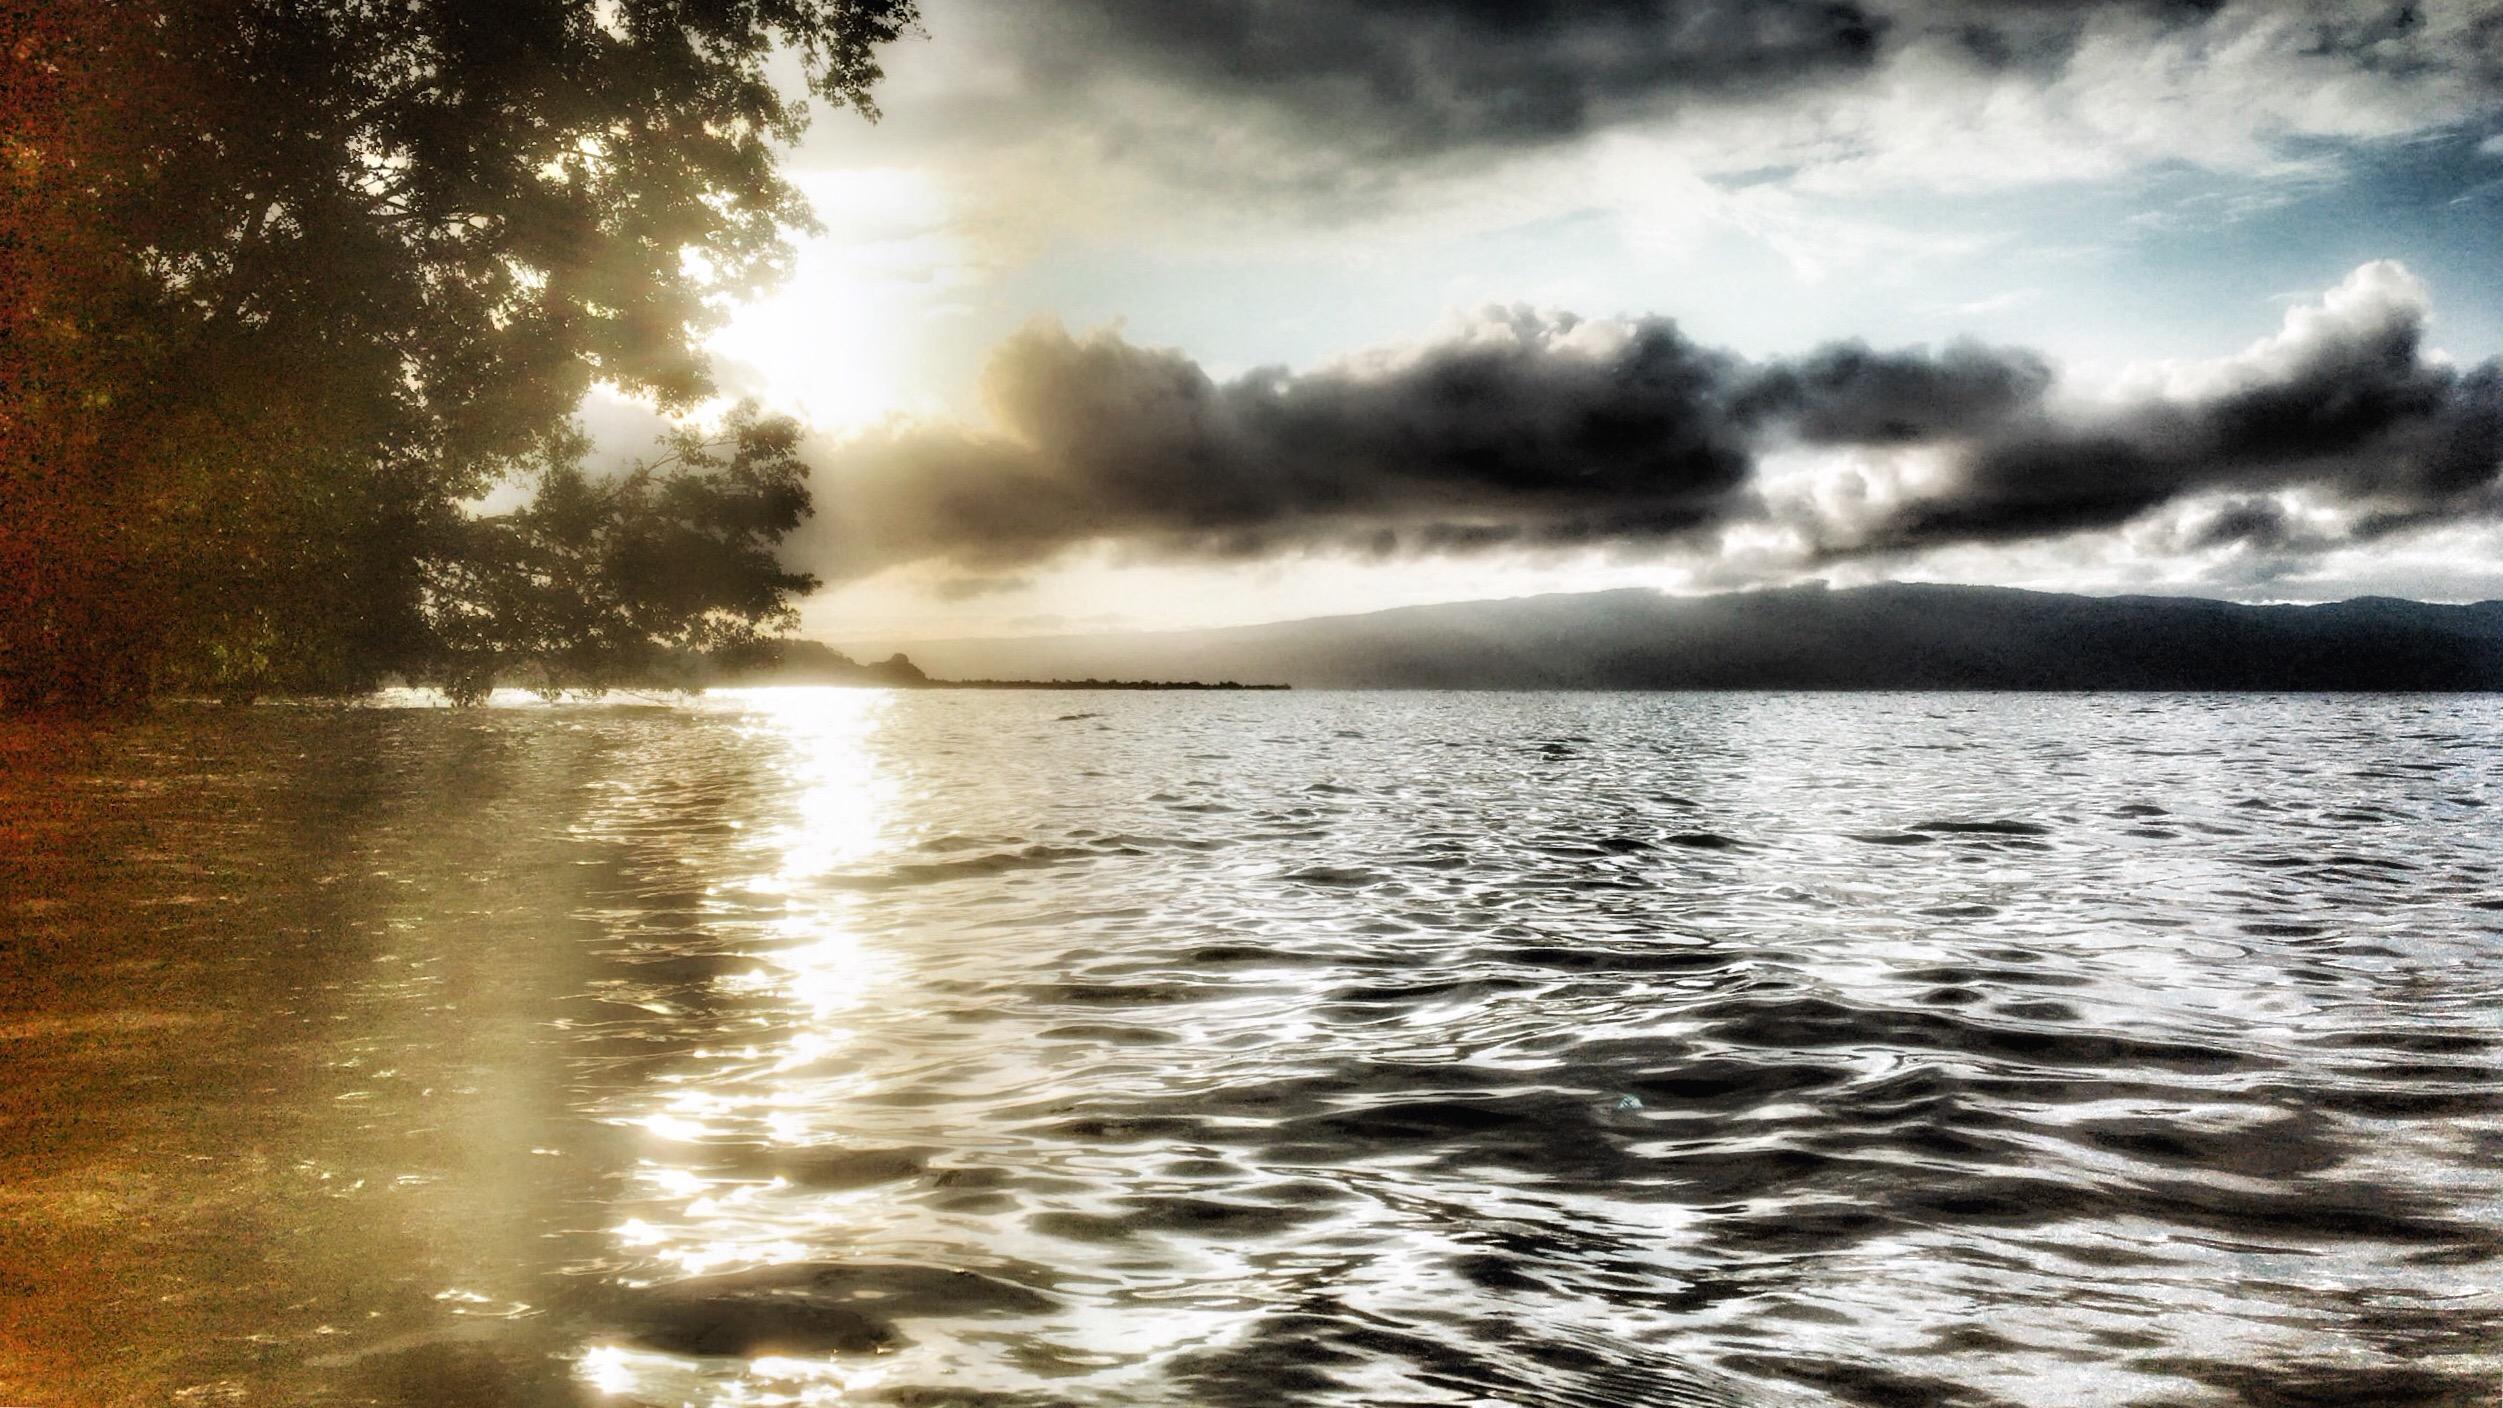 Siuri Danau Poso Yang Memiliki Pantai Berpasir Emas